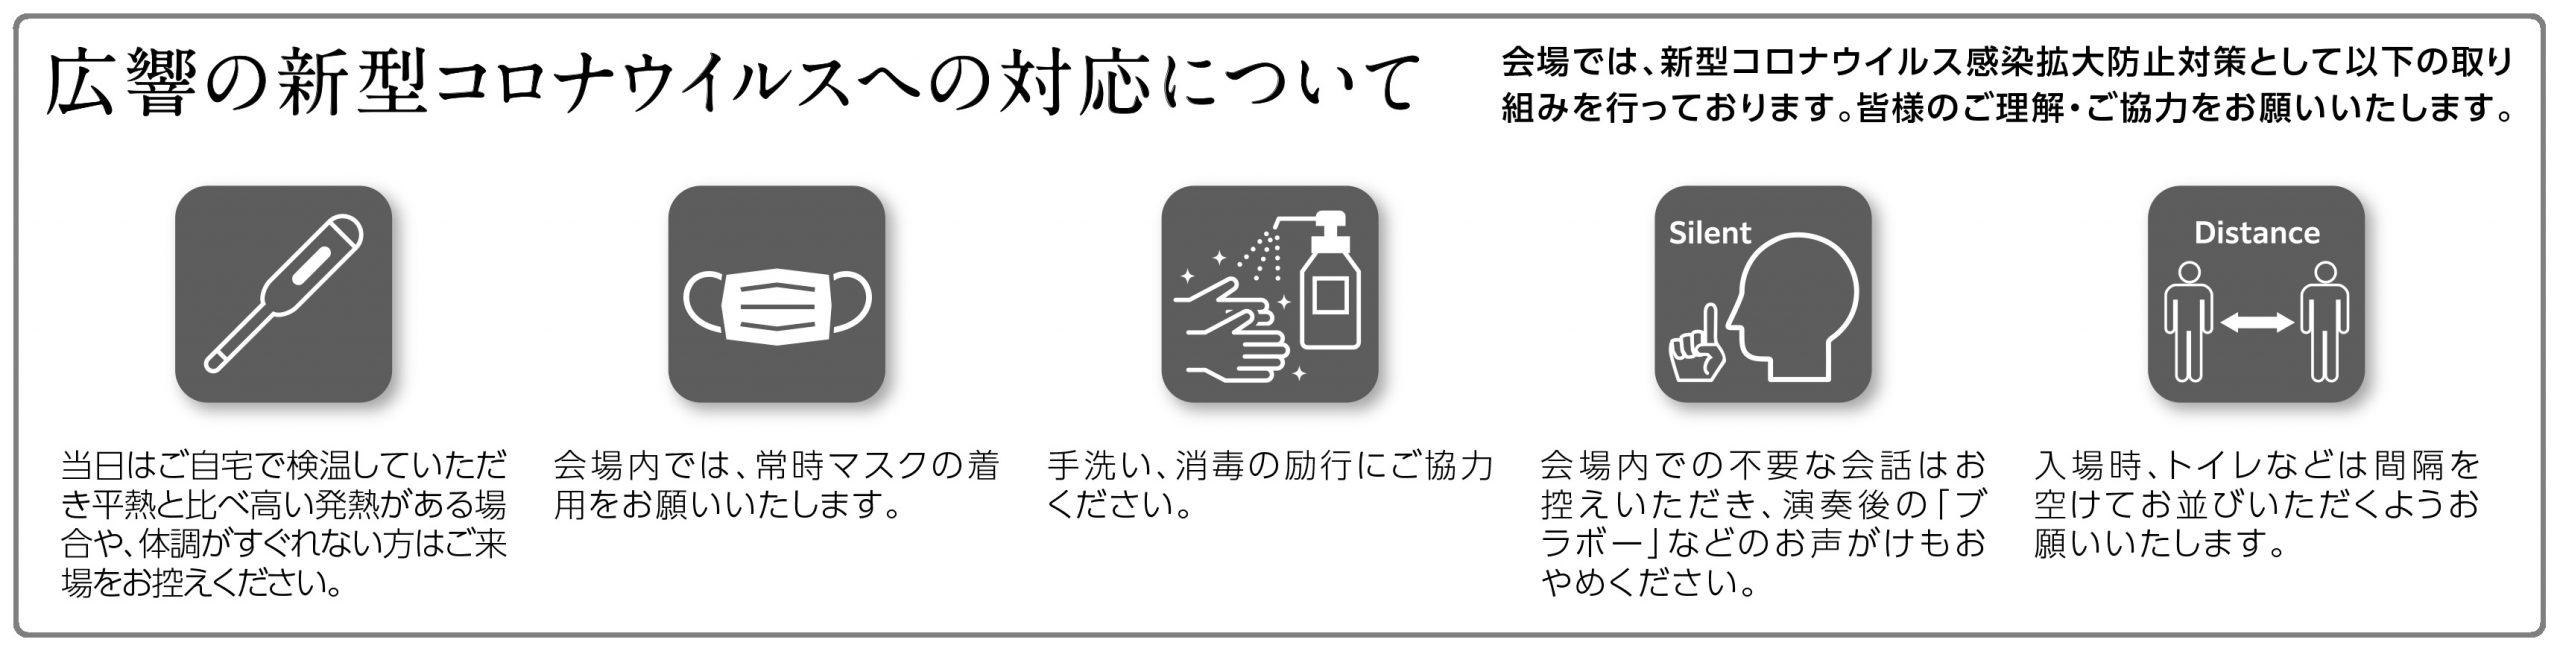 ウイルス 感染 コロナ 広島